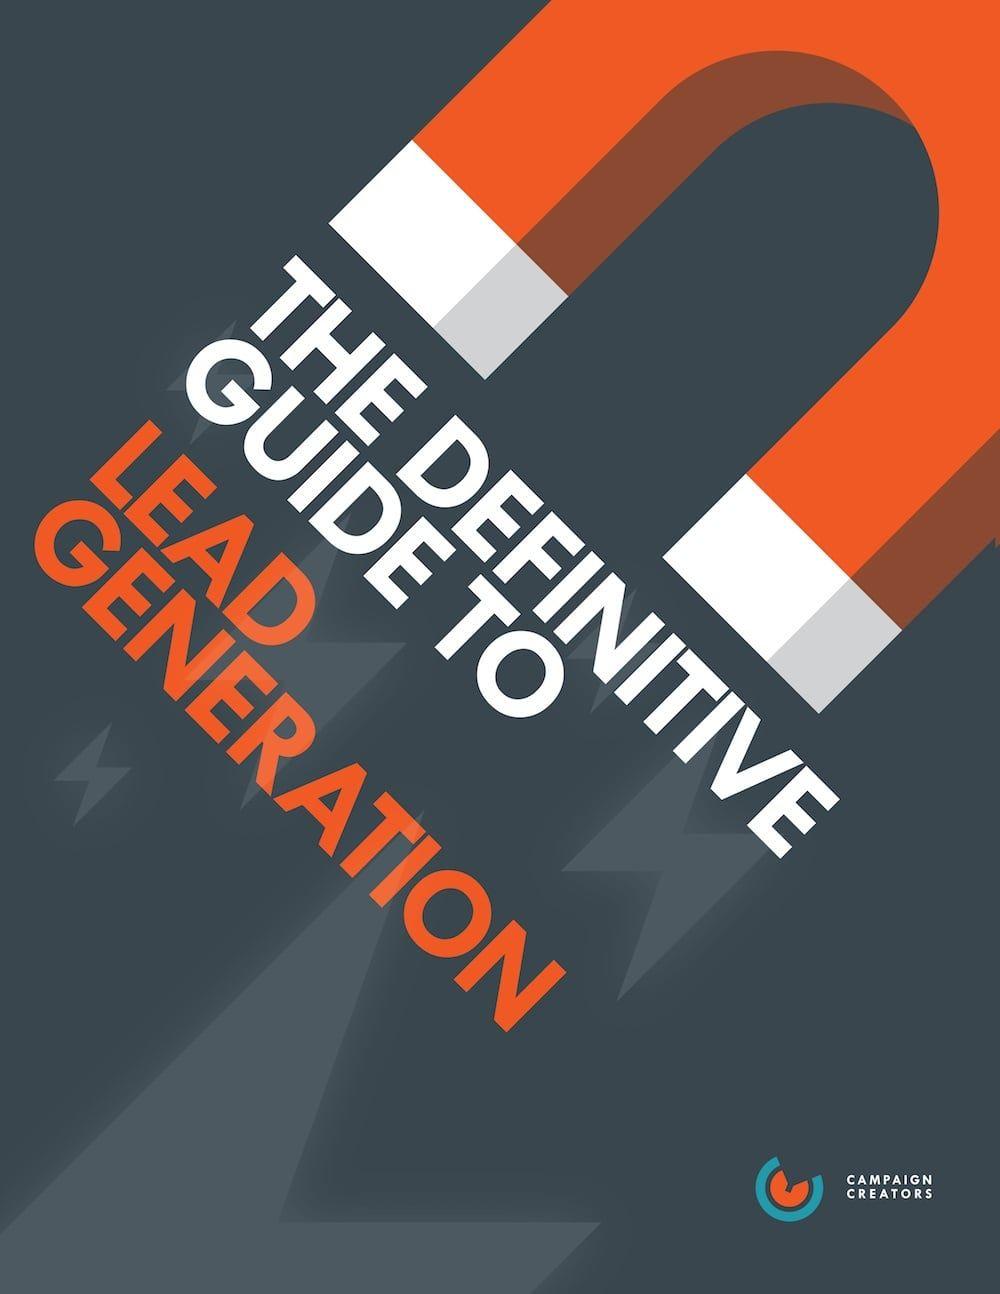 definitive-guide-lead-generation.jpg